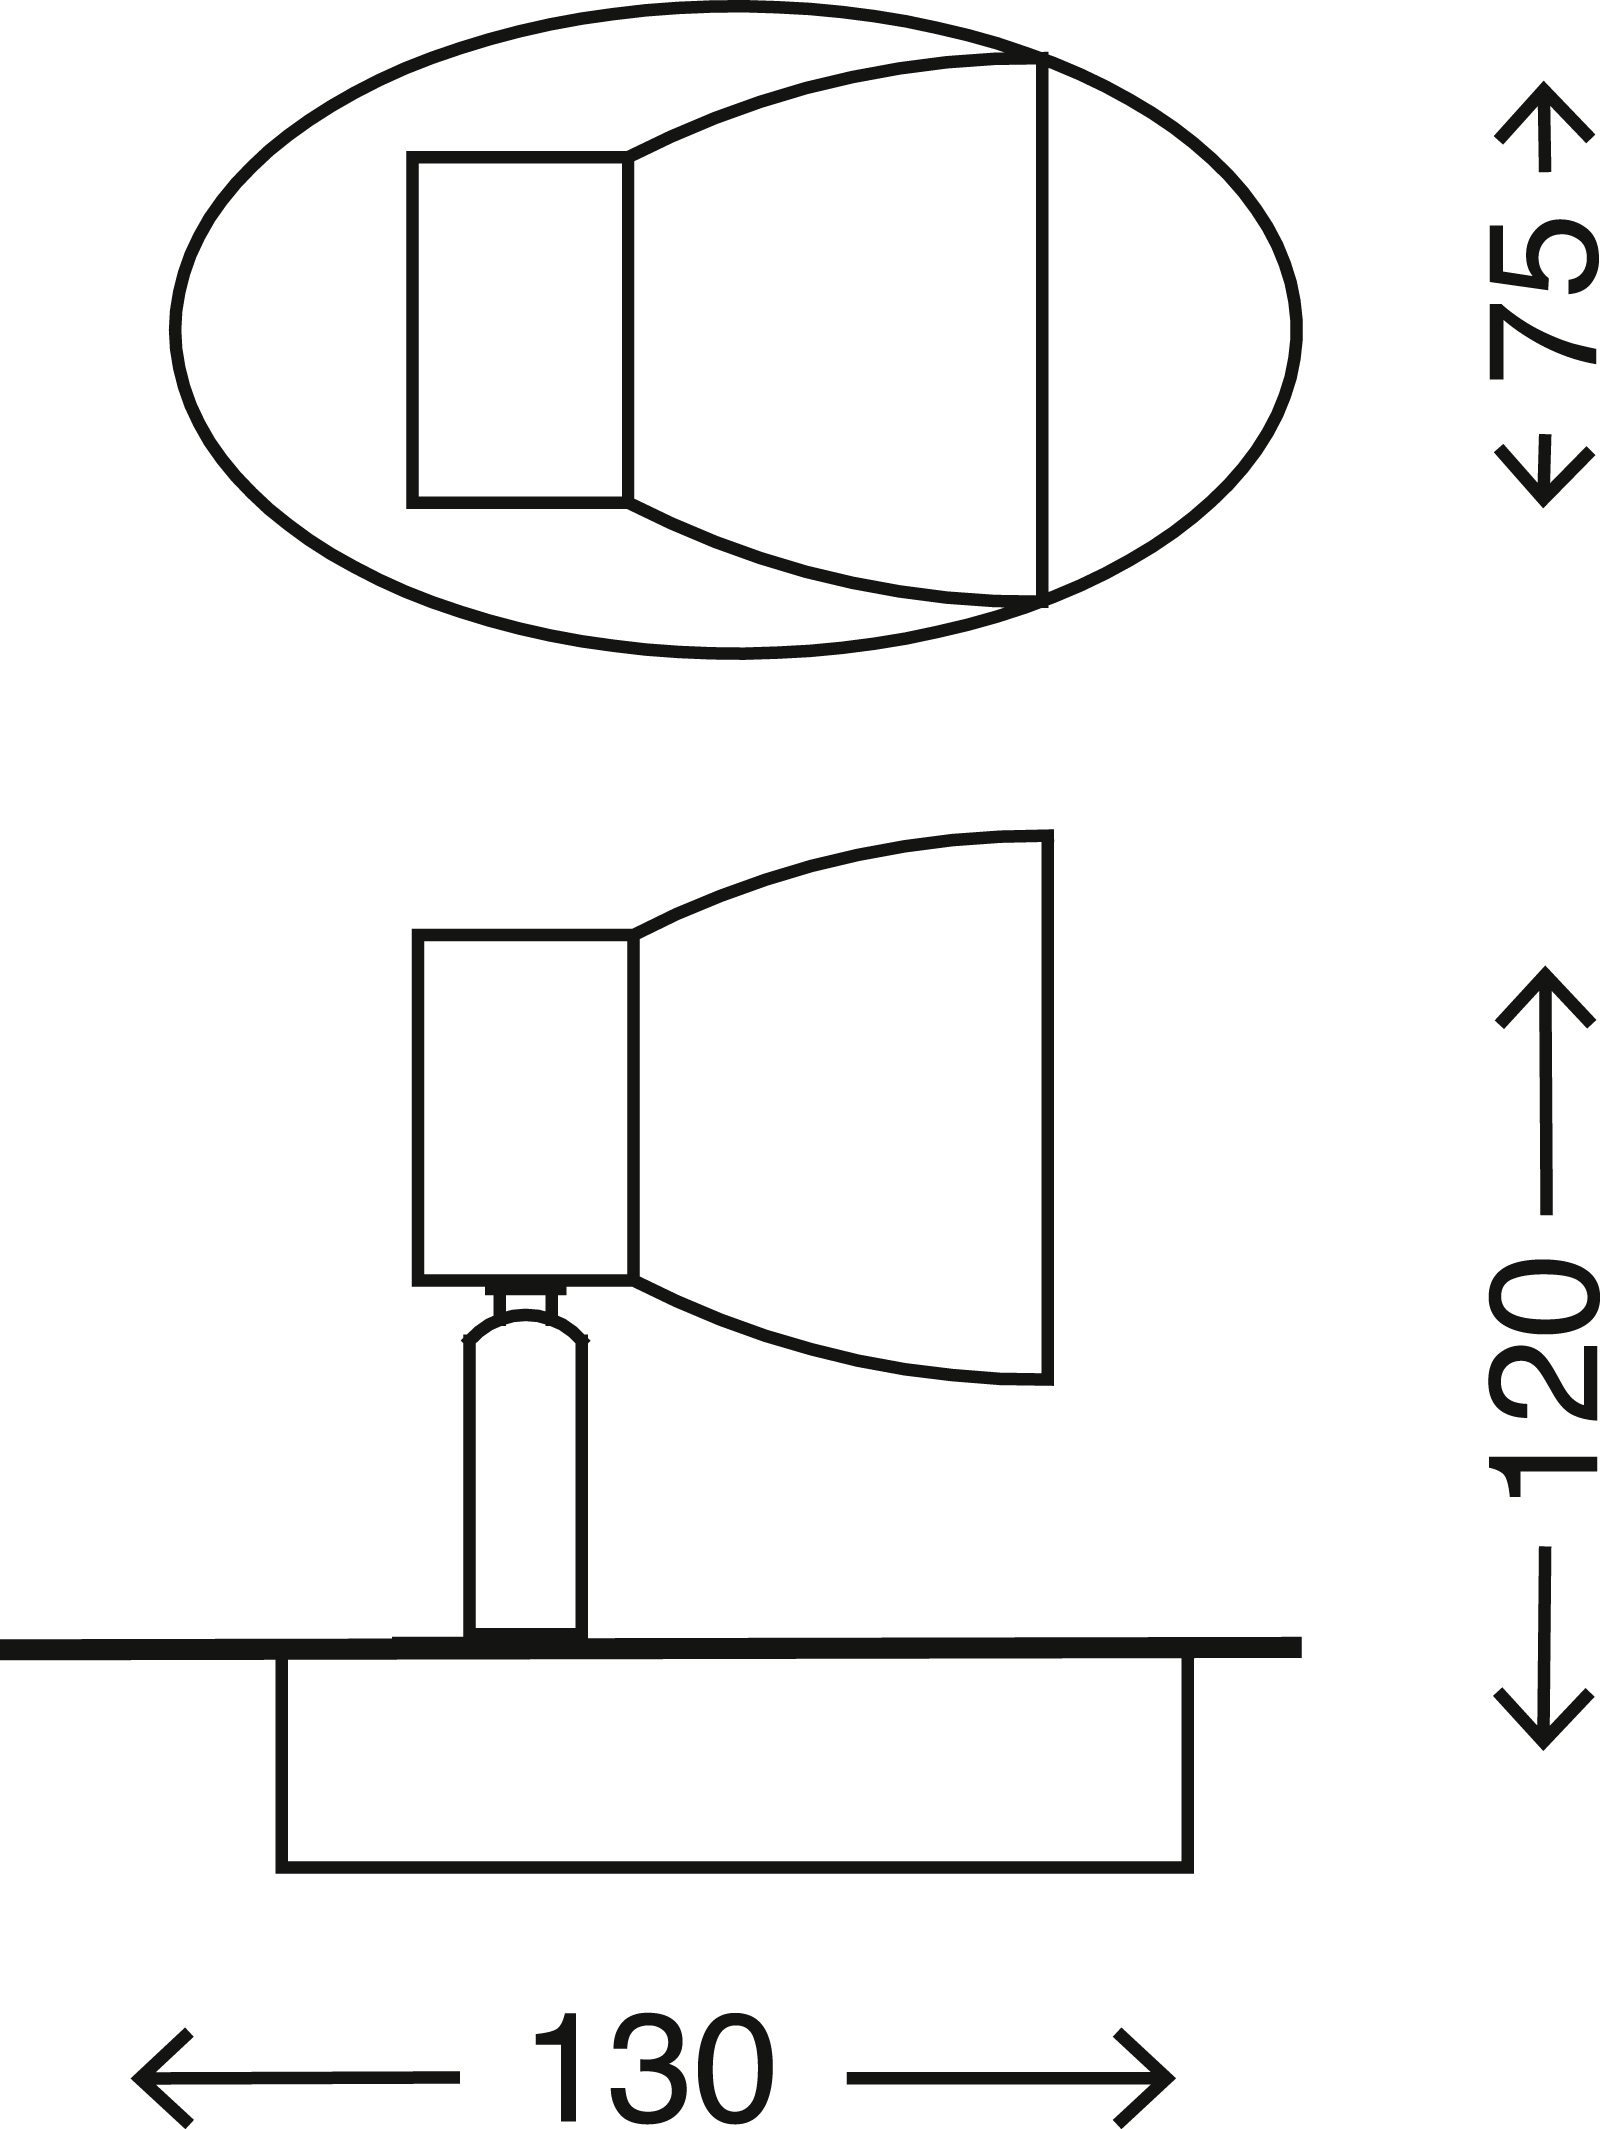 LED Spot Wandleuchte, 13 cm, 3 W, Matt-Nickel